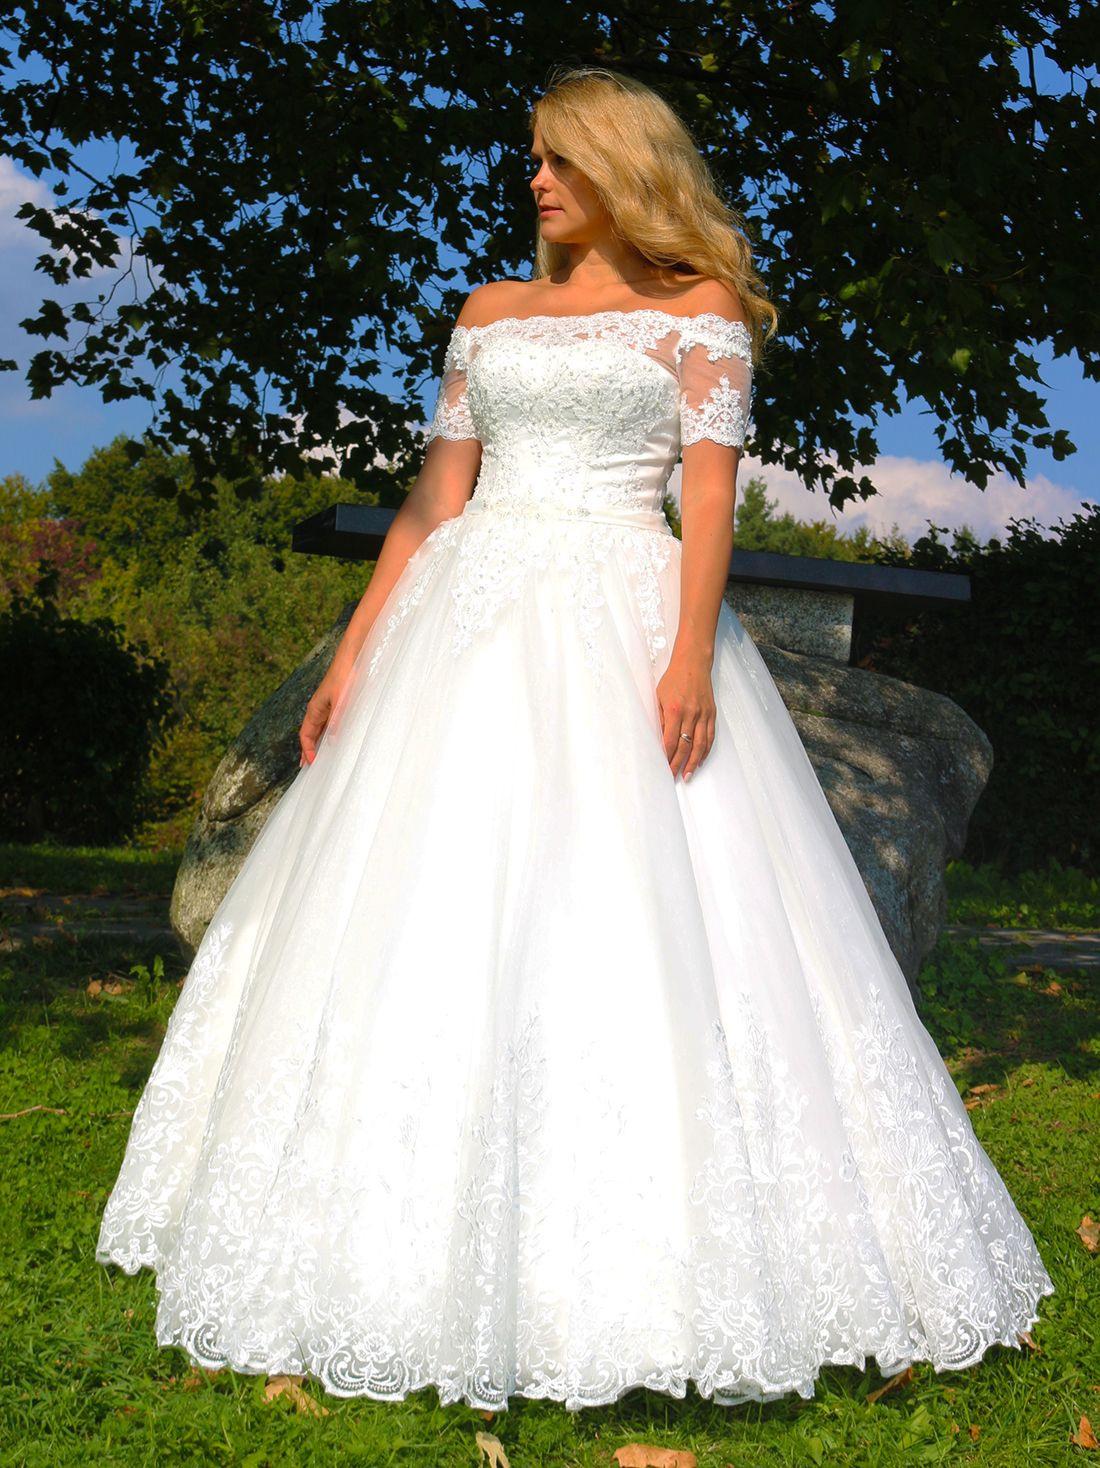 Luxus Brautkleid Hochzeitskleid Neu Braut Spitze